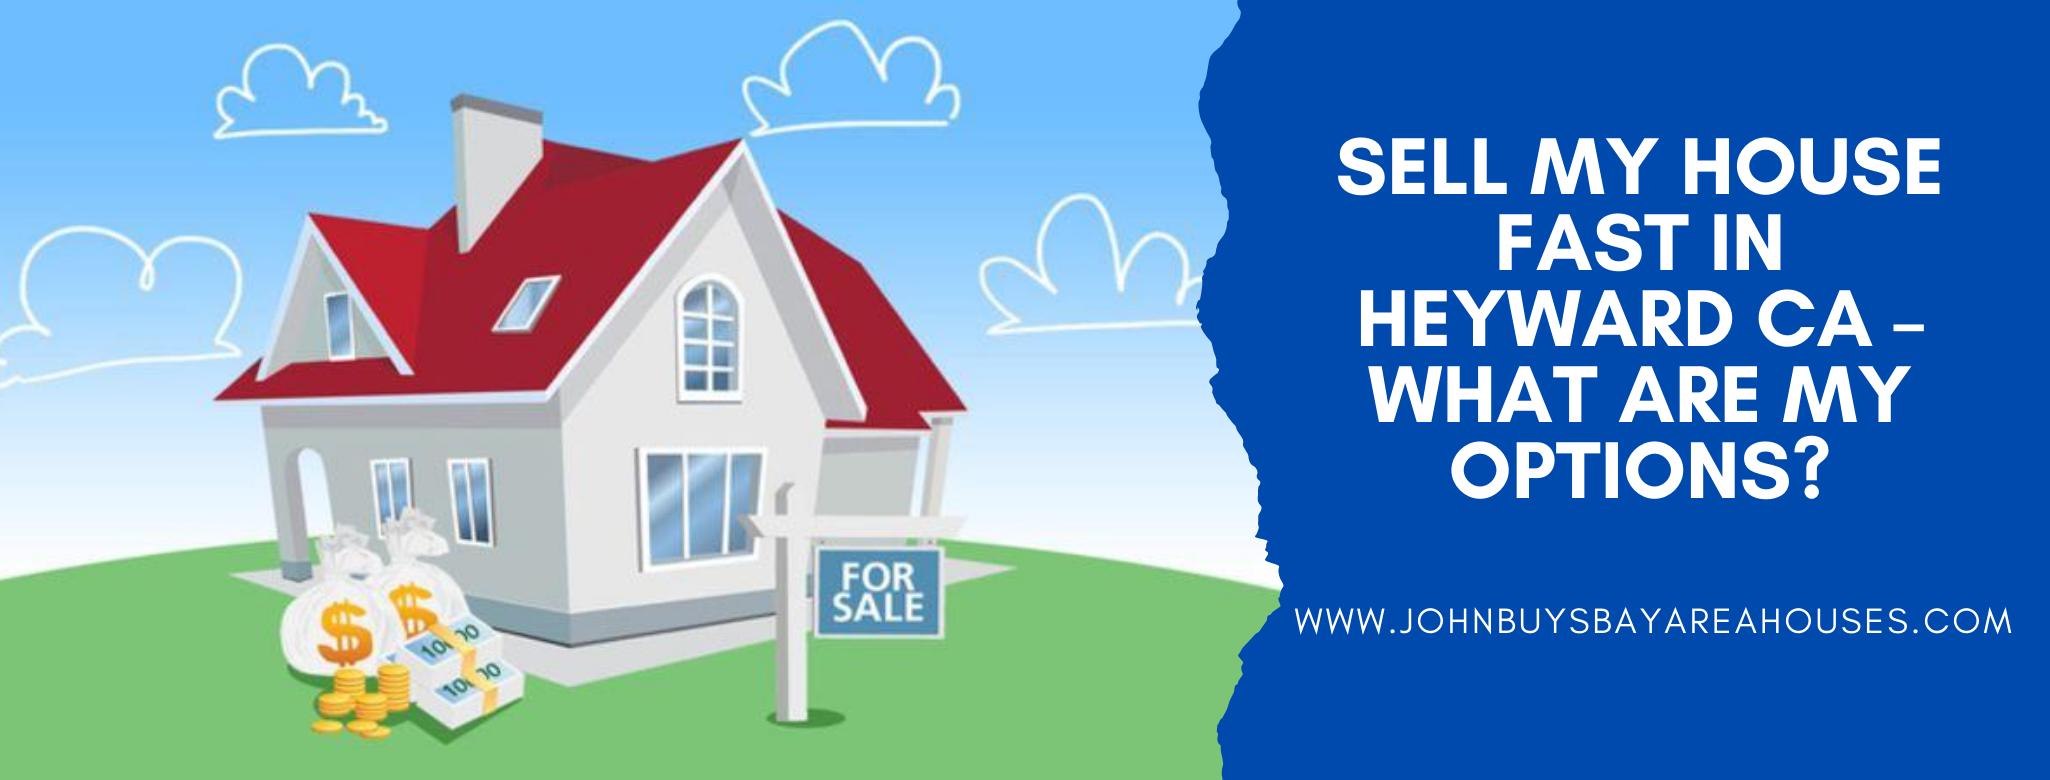 We buy properties in Heyward CA